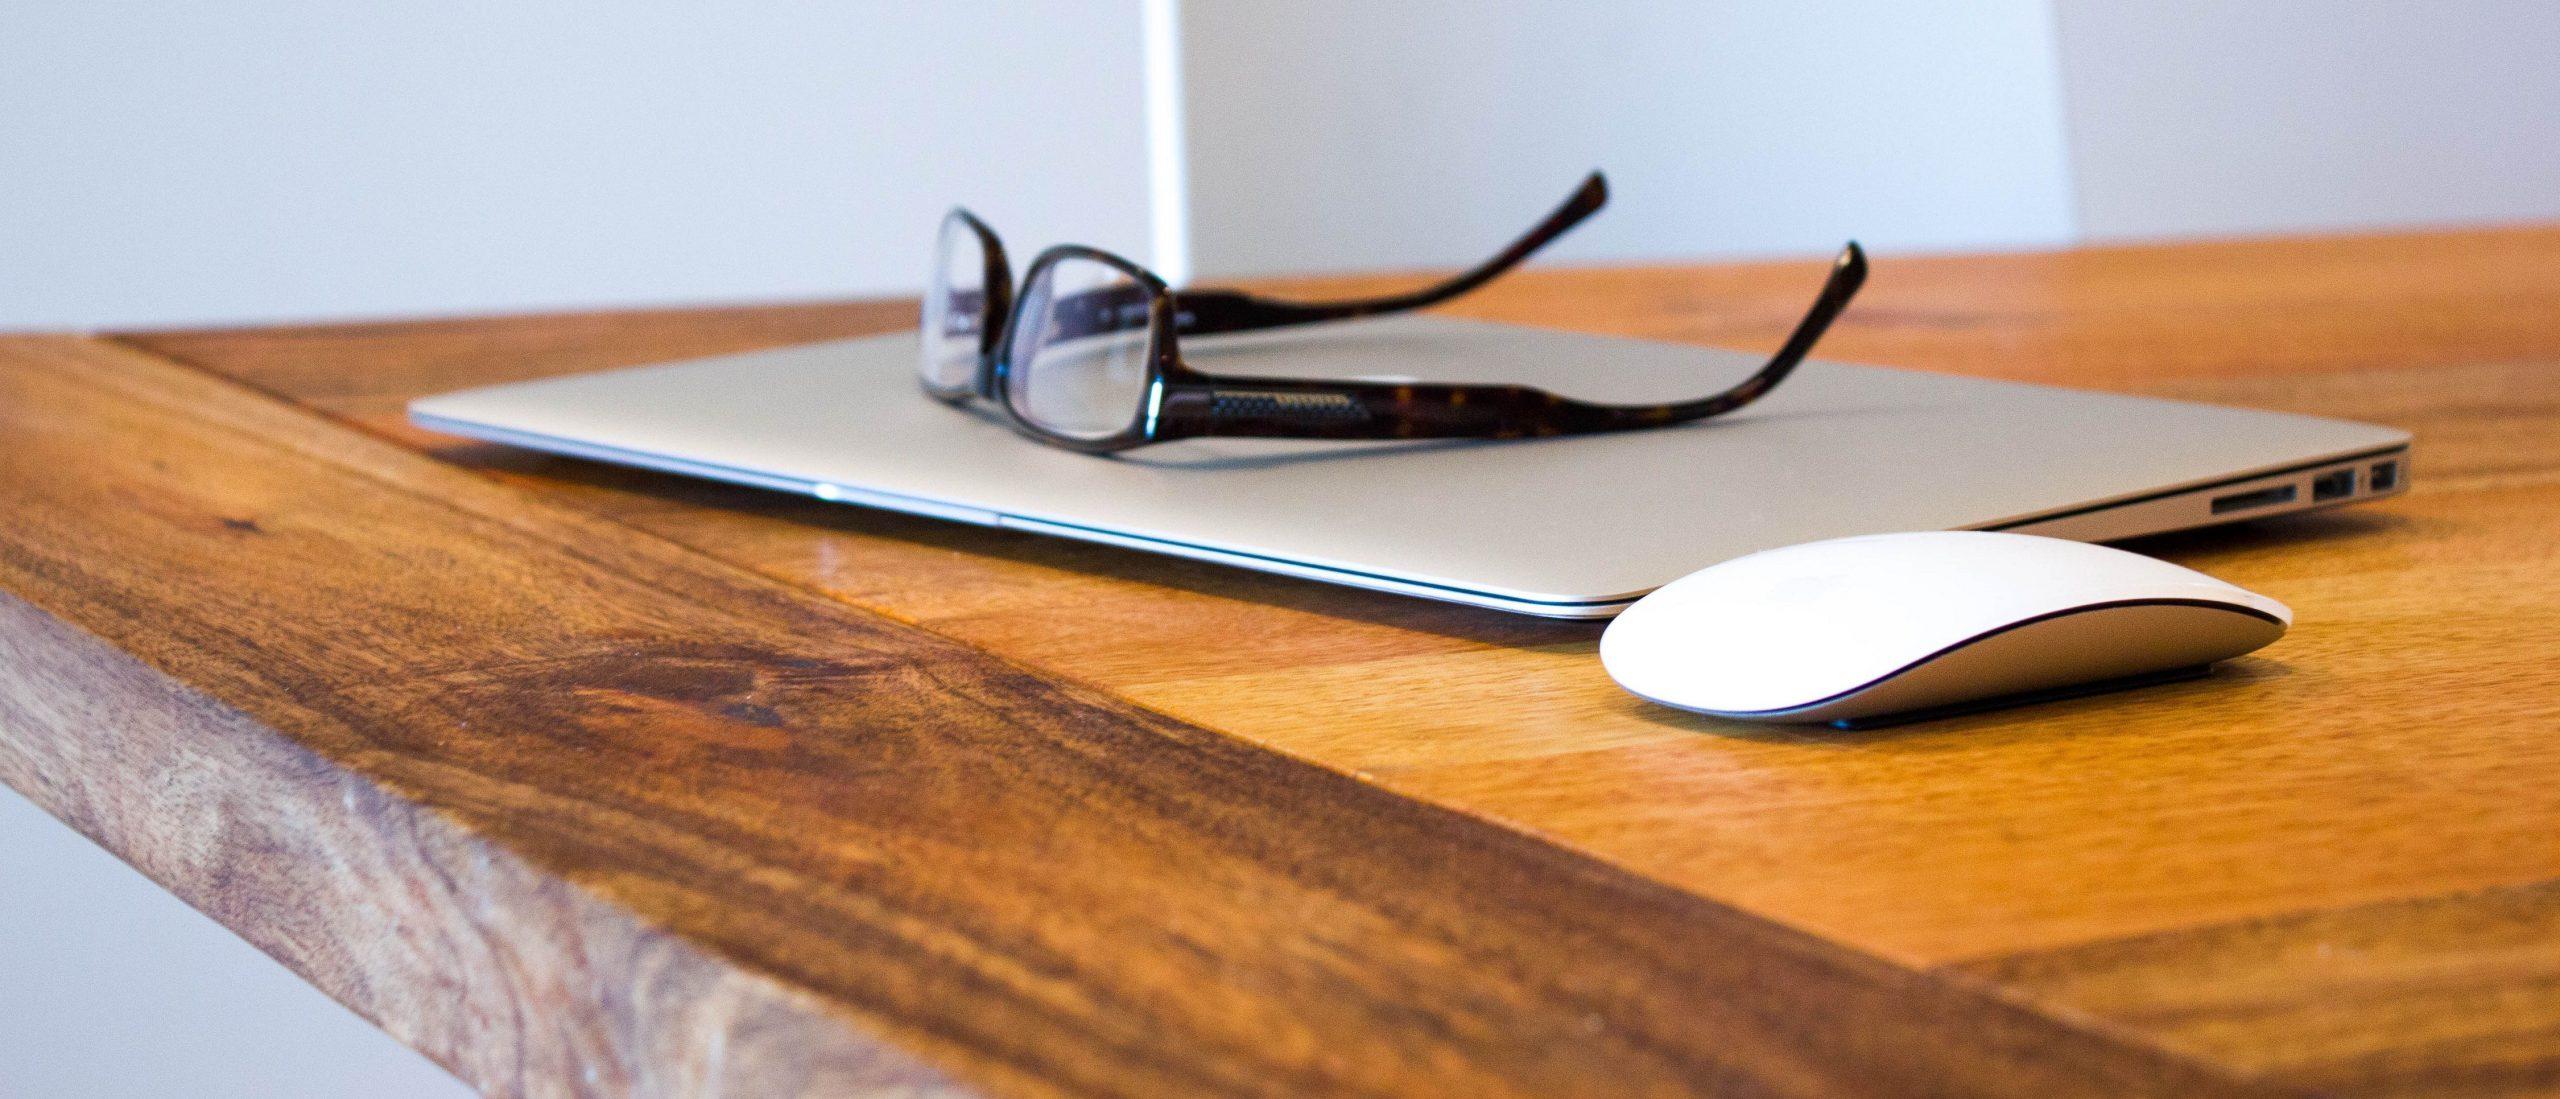 Tietokone ja työpöytä